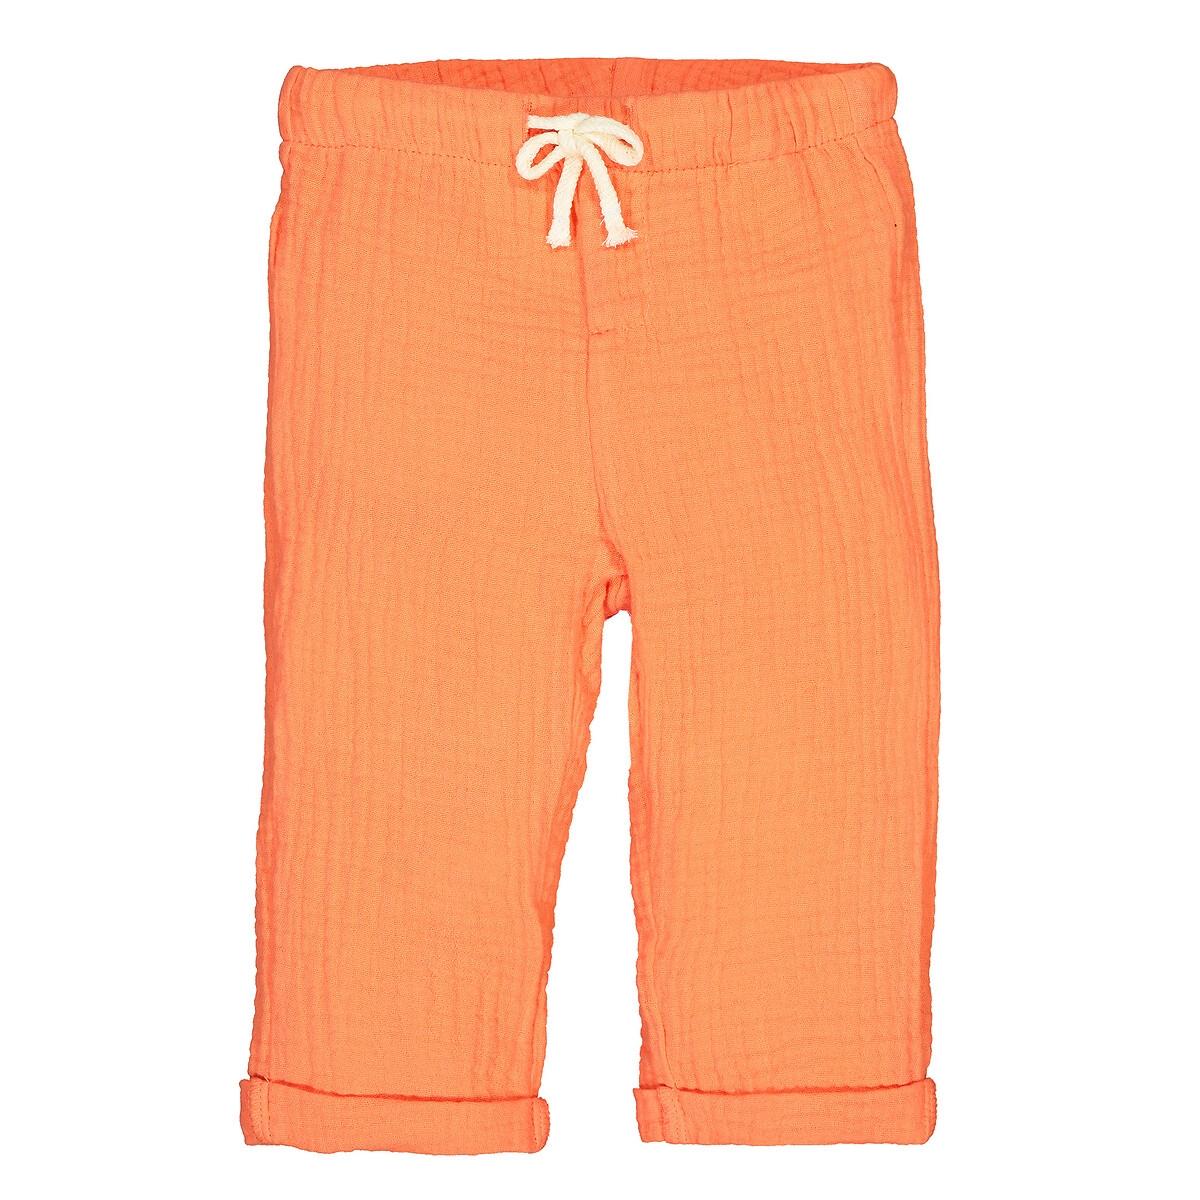 Брюки La Redoute Спортивные из хлопчатобумажной газовой ткани 1 мес-4 лет 6 мес. - 67 см оранжевый